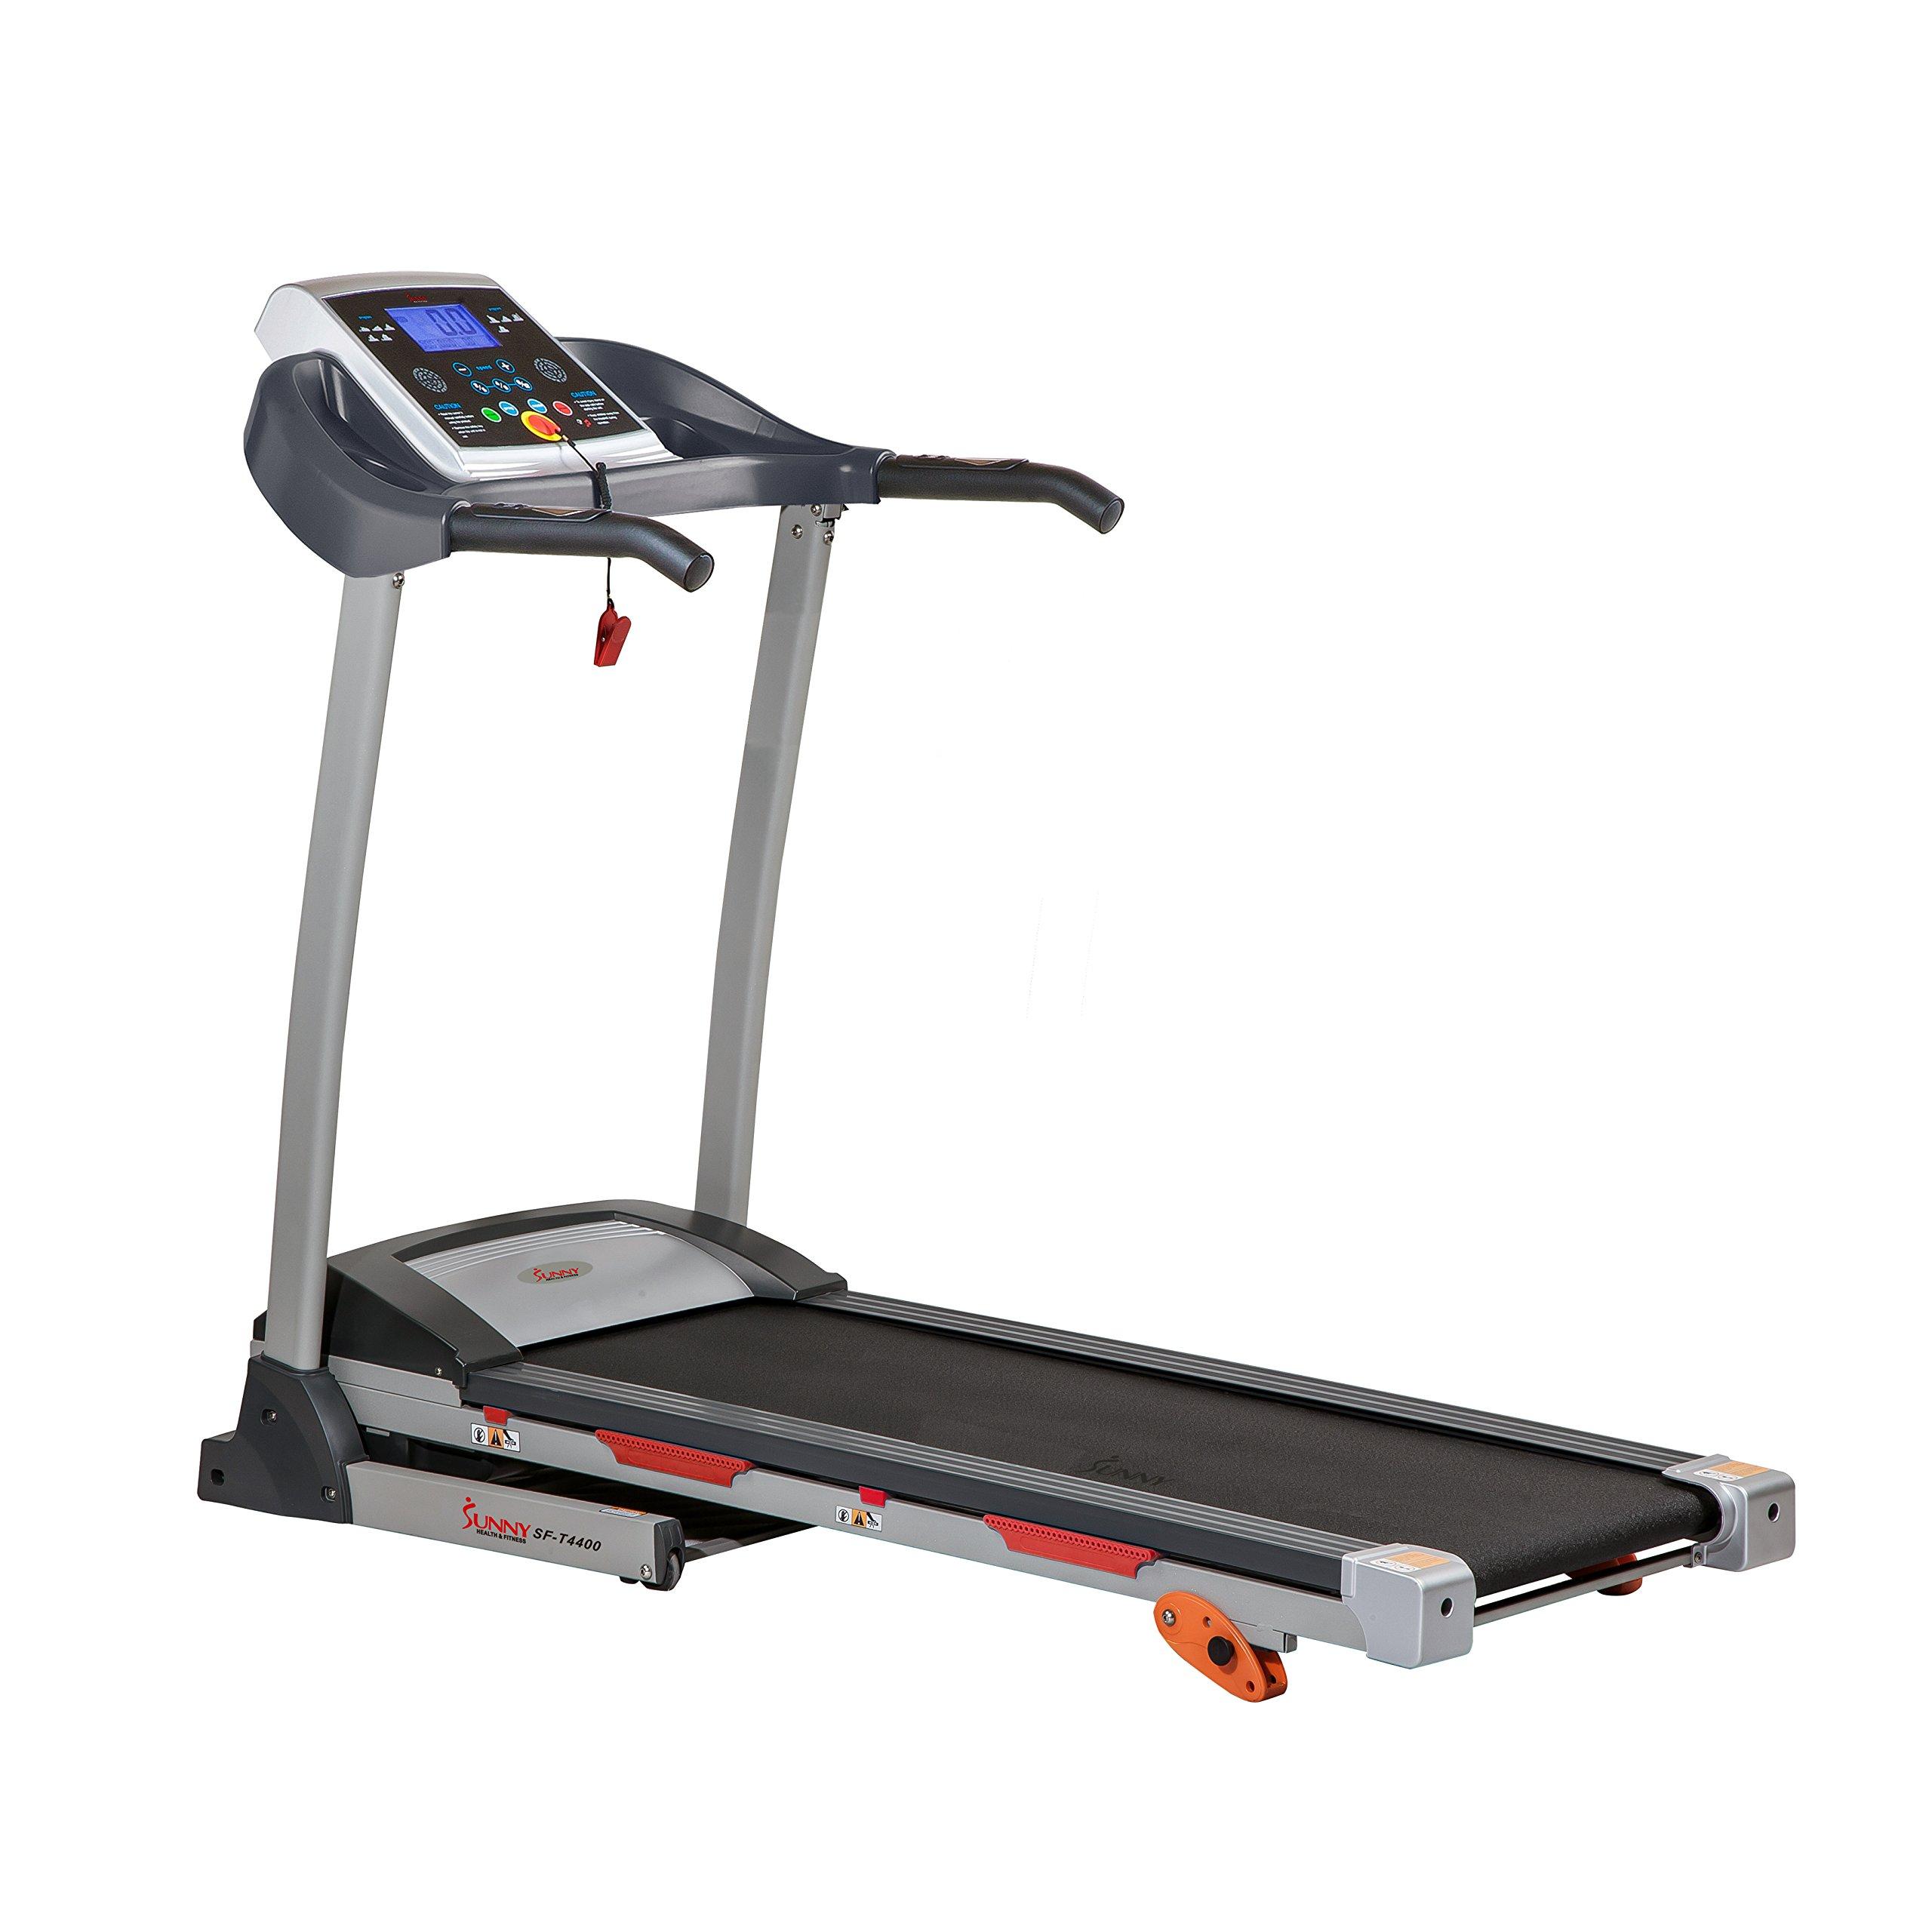 Sunny Health & Fitness Treadmill Folding Motorized Running Machine by Sunny Health & Fitness (Image #2)